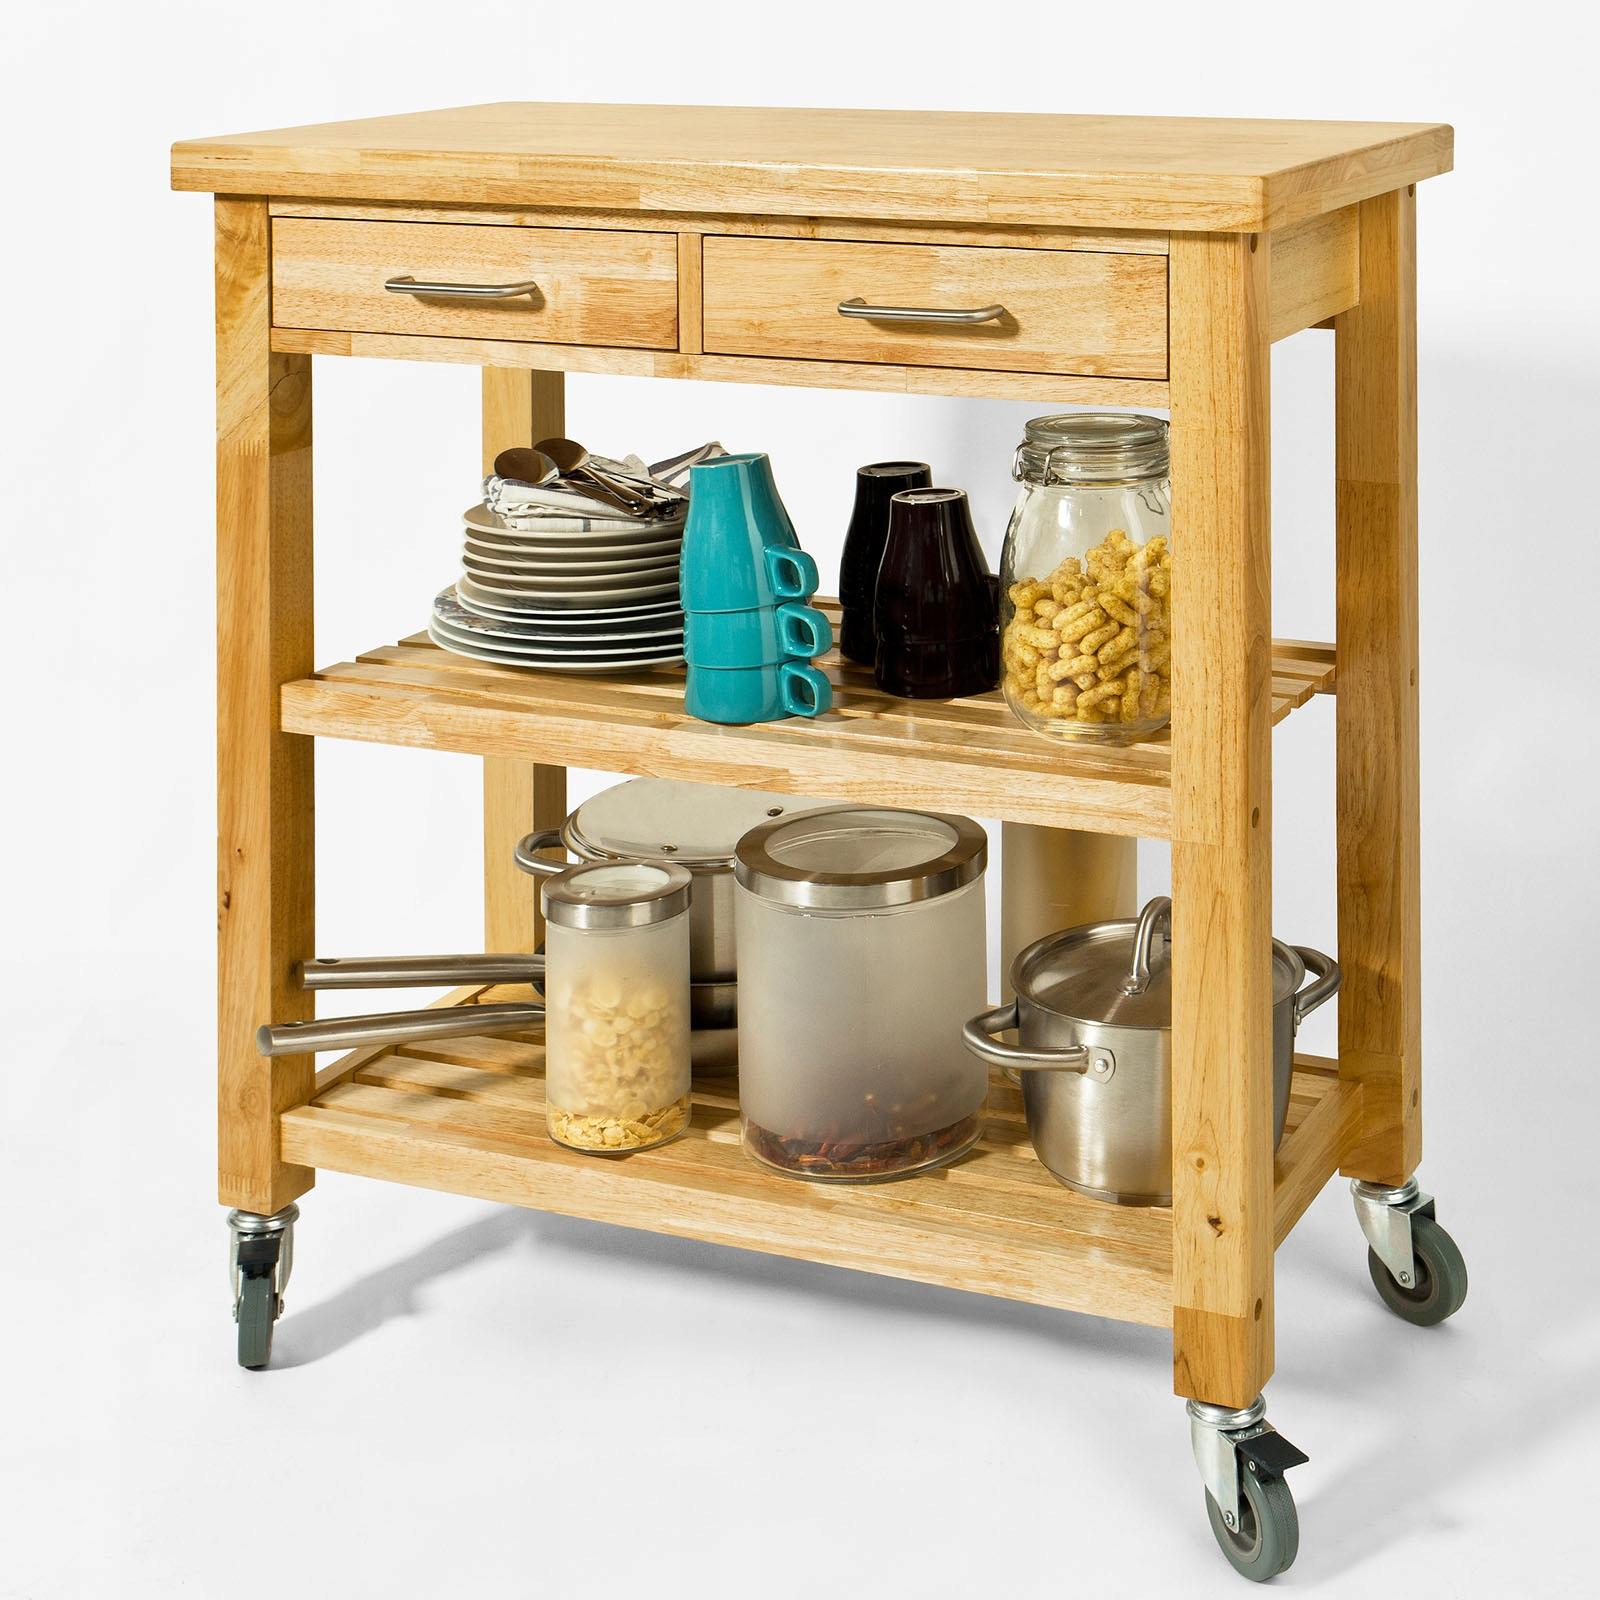 Журнальный столик Кухонный шкаф Консоль на колесиках